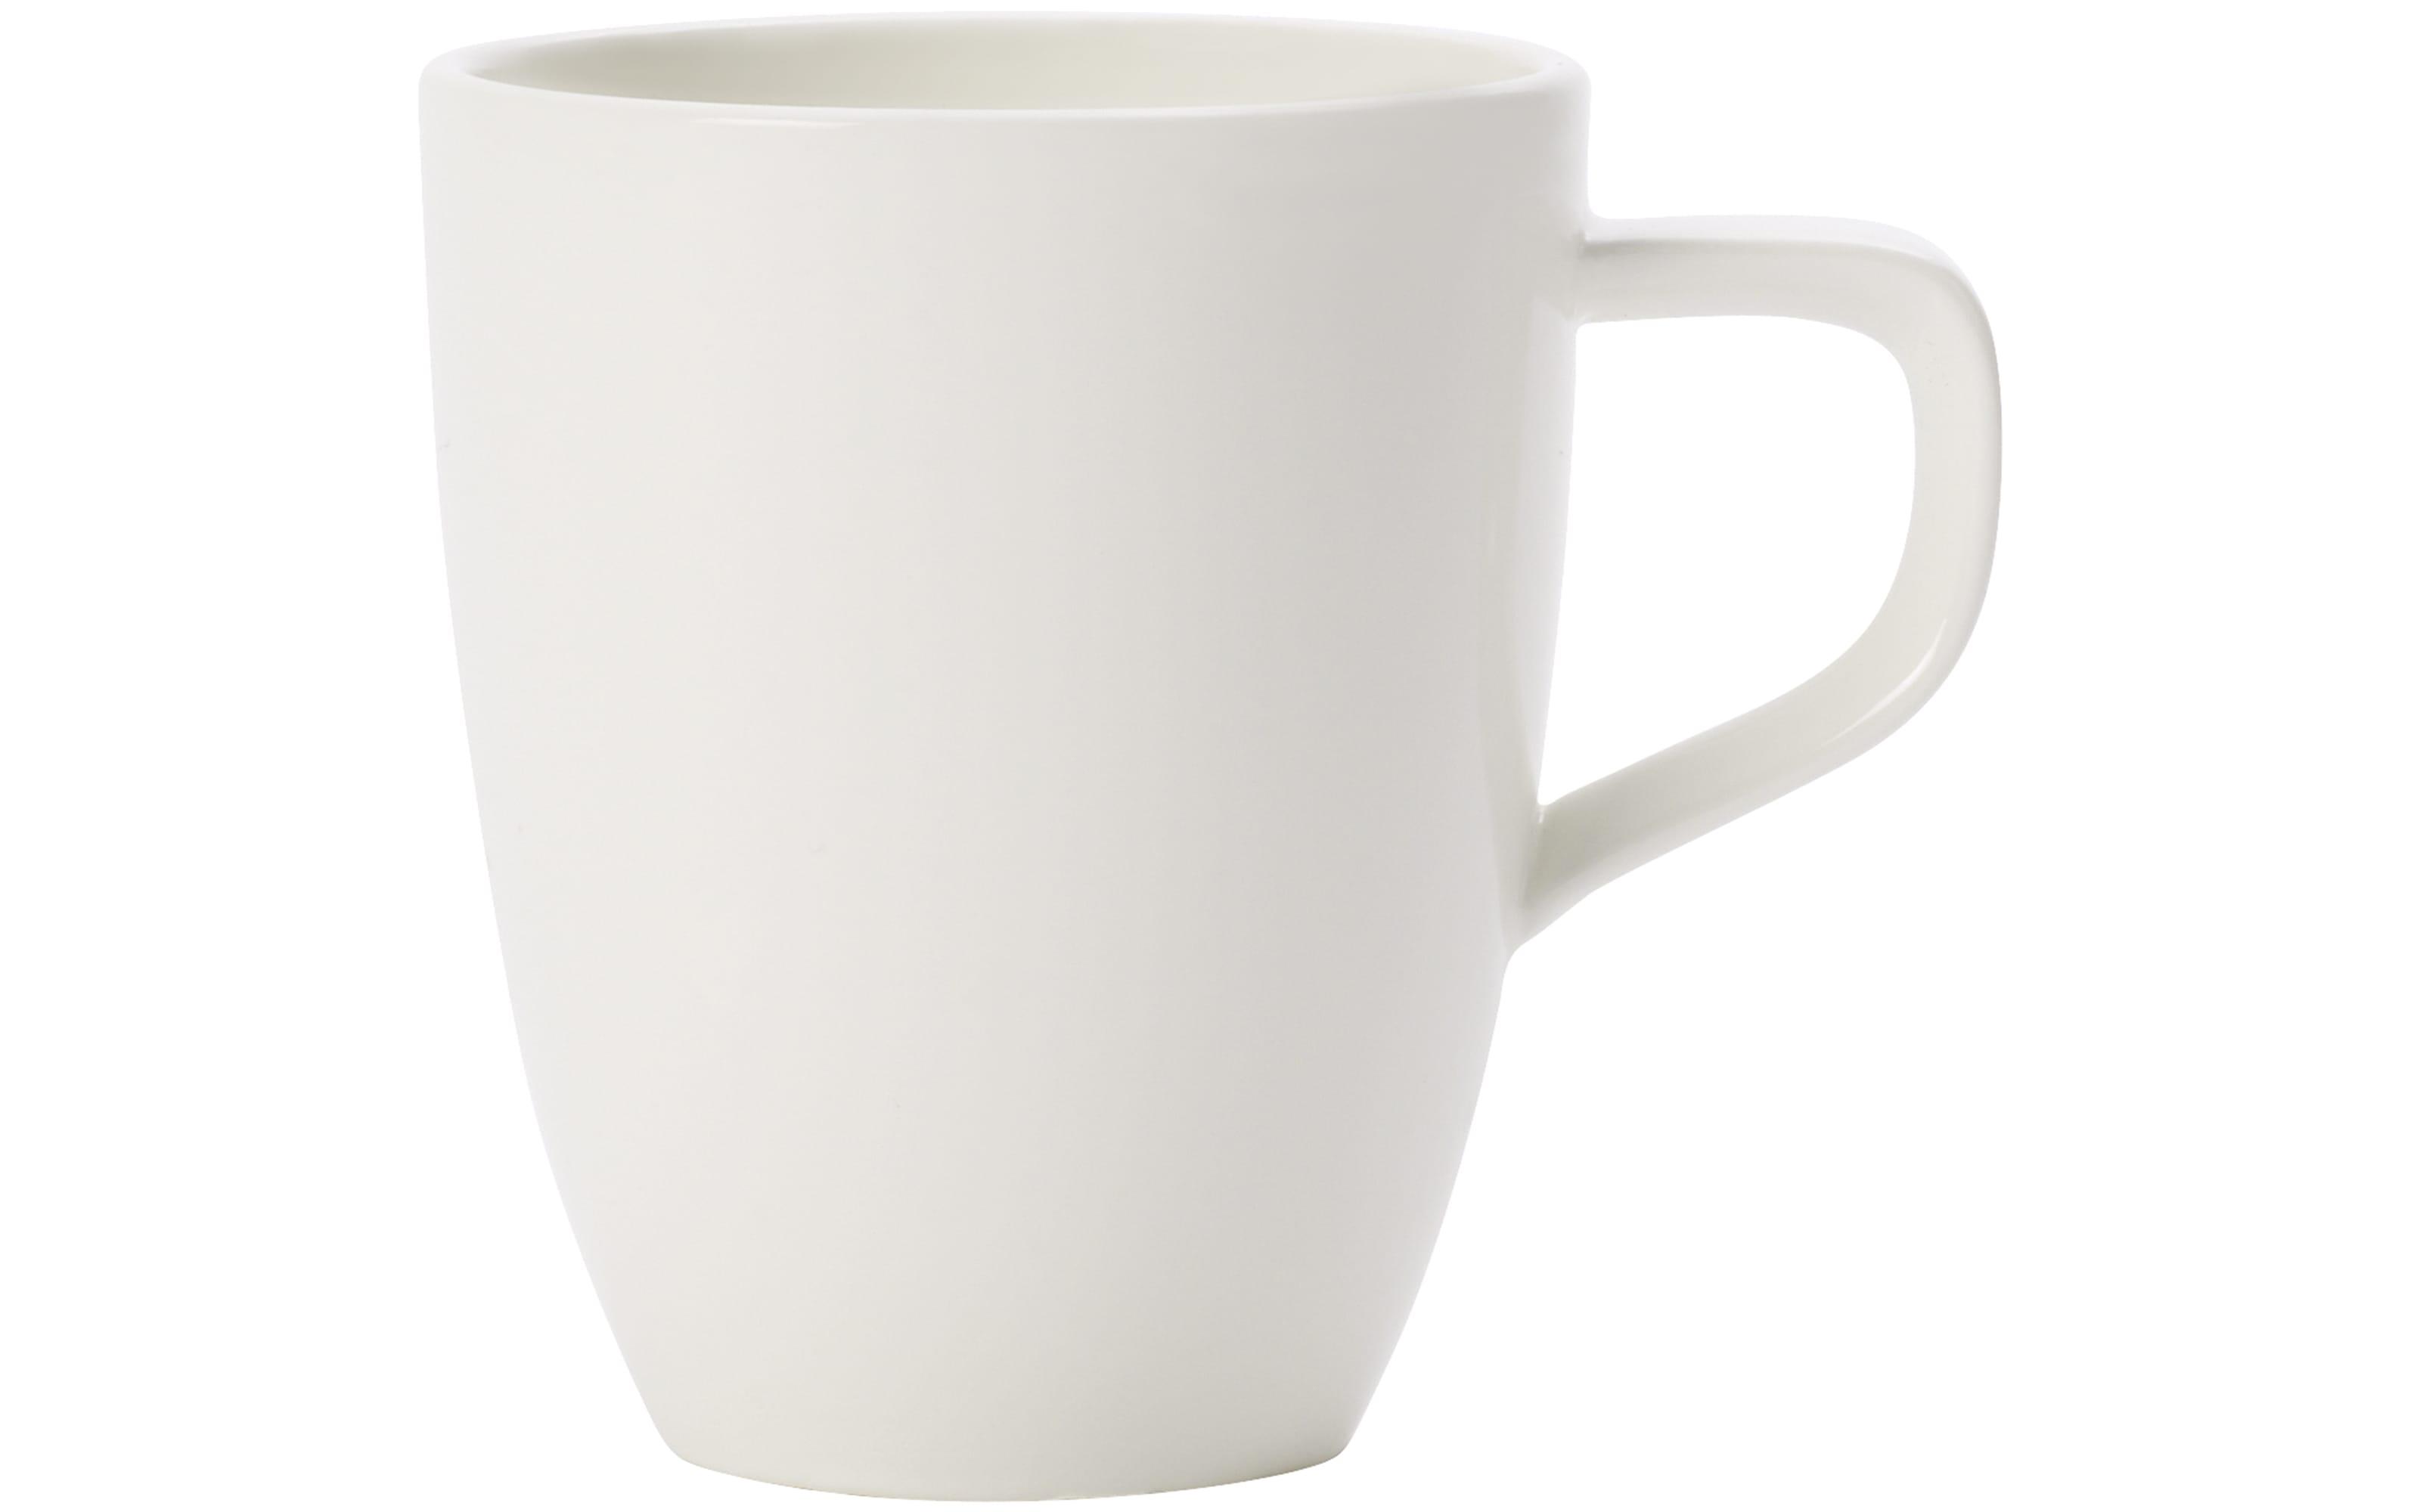 Becher Artesano Original in weiß, 0,38 l